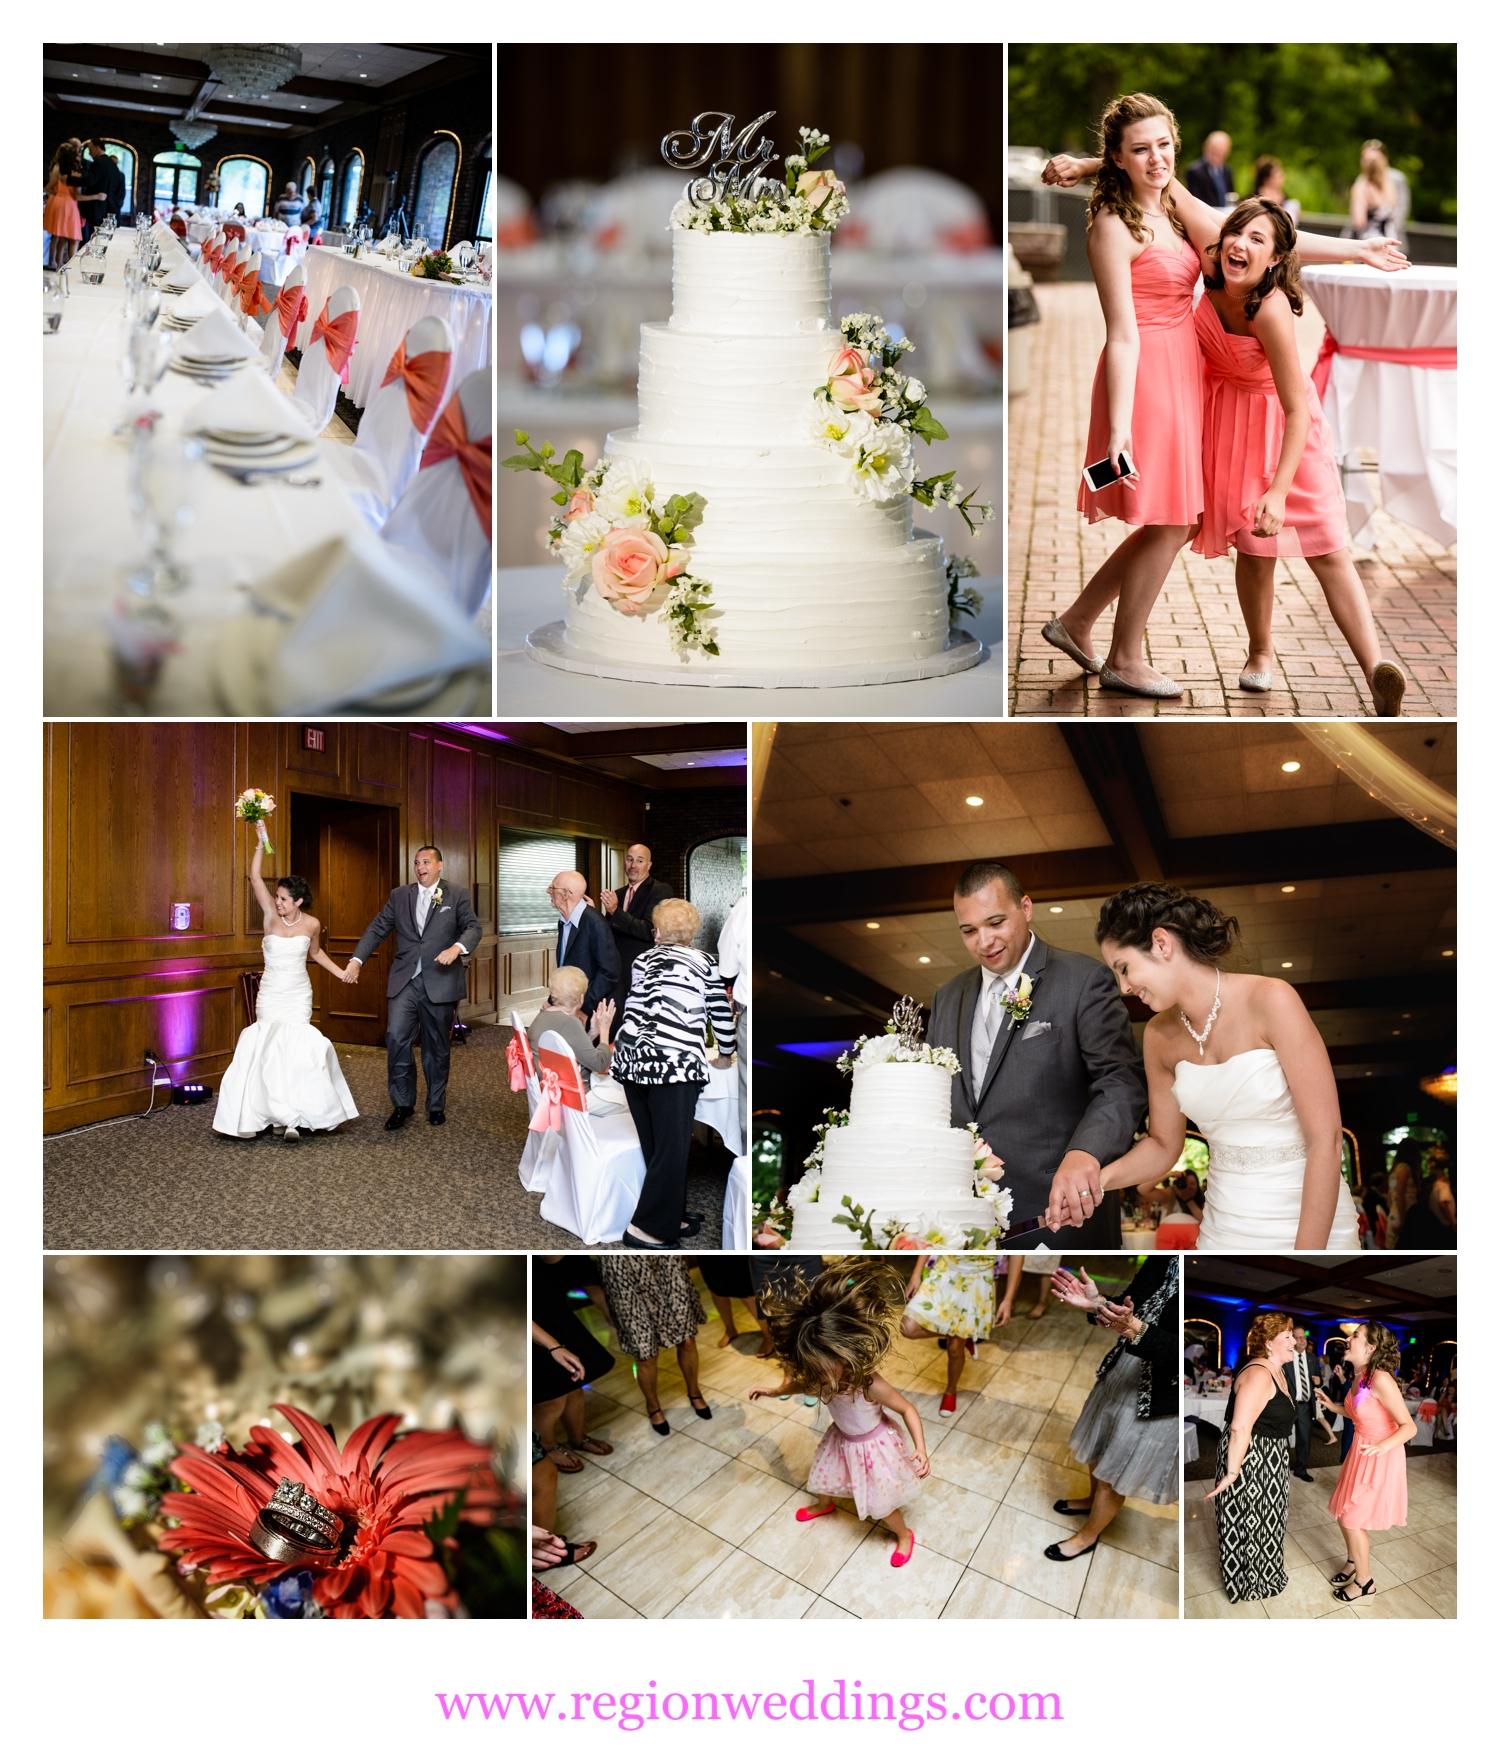 Summer wedding reception at Wicker Park Social Center.